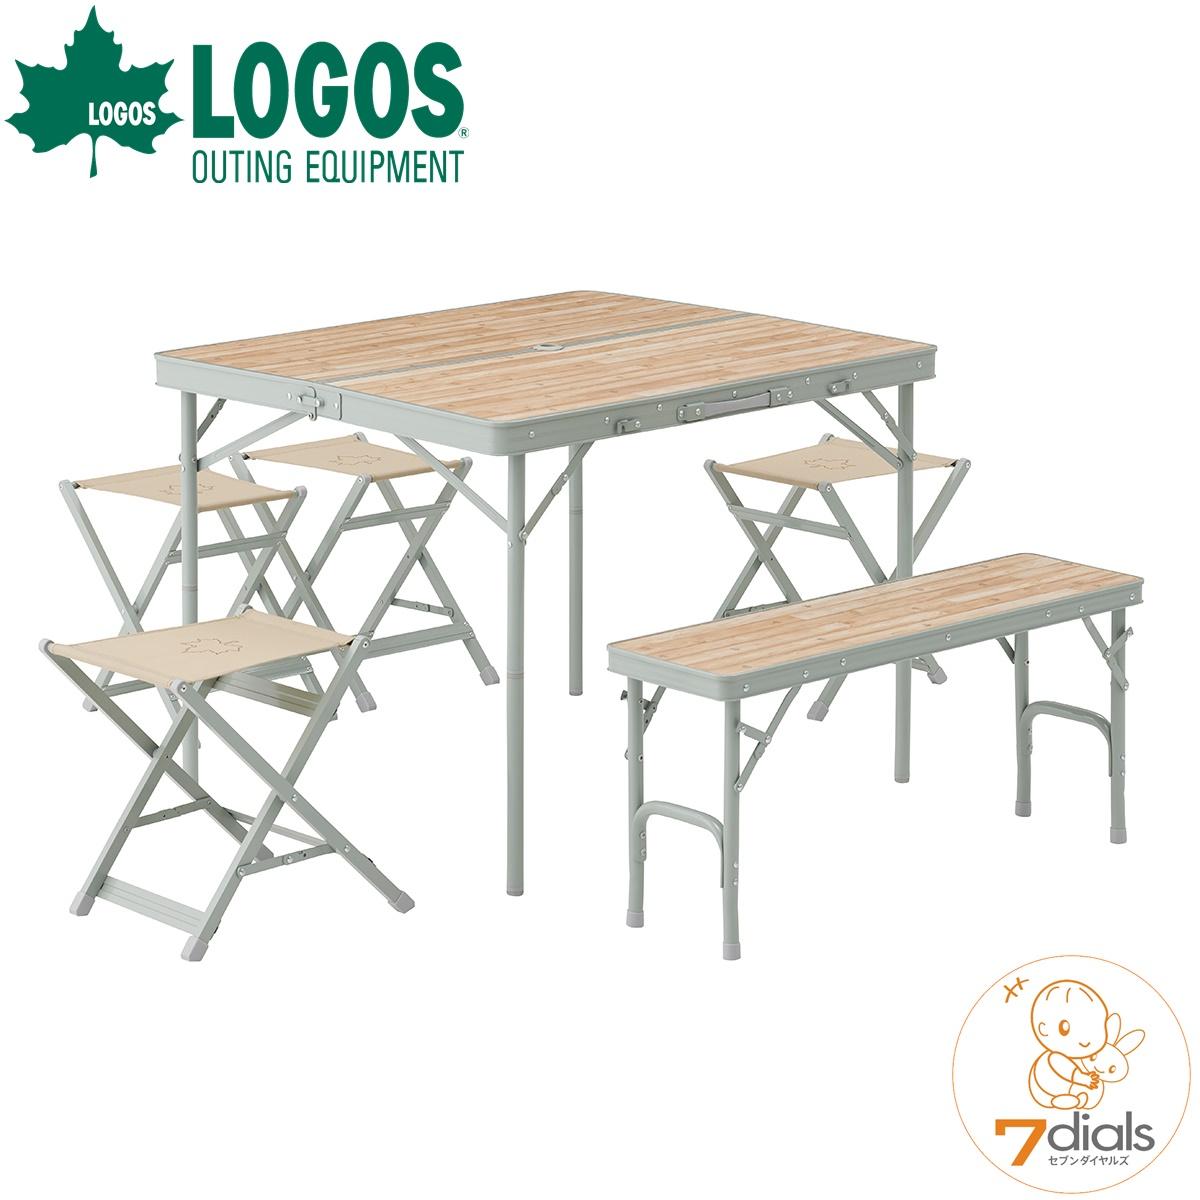 LOGOS/ロゴス LOGOS Life ベンチテーブルセット6 6人で使えるテーブルと椅子のセット 高さ2段階 ハイポジション、ローポジション対応 オールインワン収納で持ち運び便利 パラソルホール付き 折れ脚テーブル 二つ折りテーブル【送料無料】